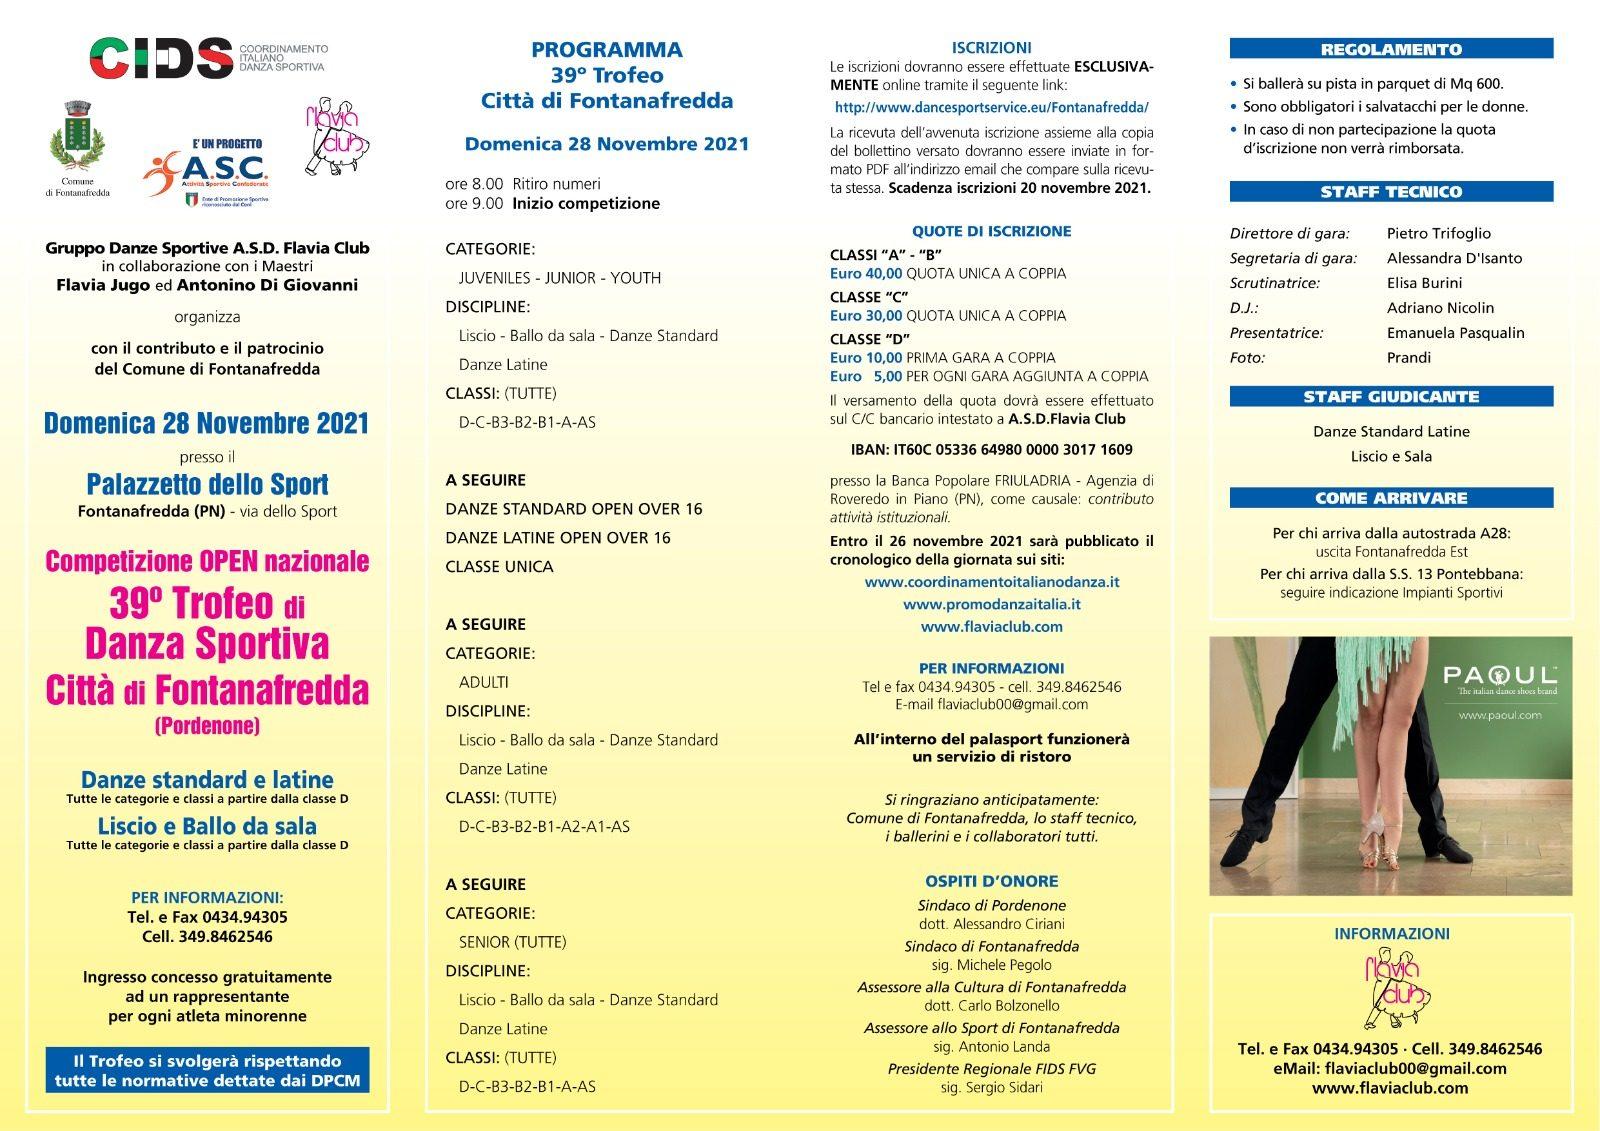 IMG-20210929-WA0002